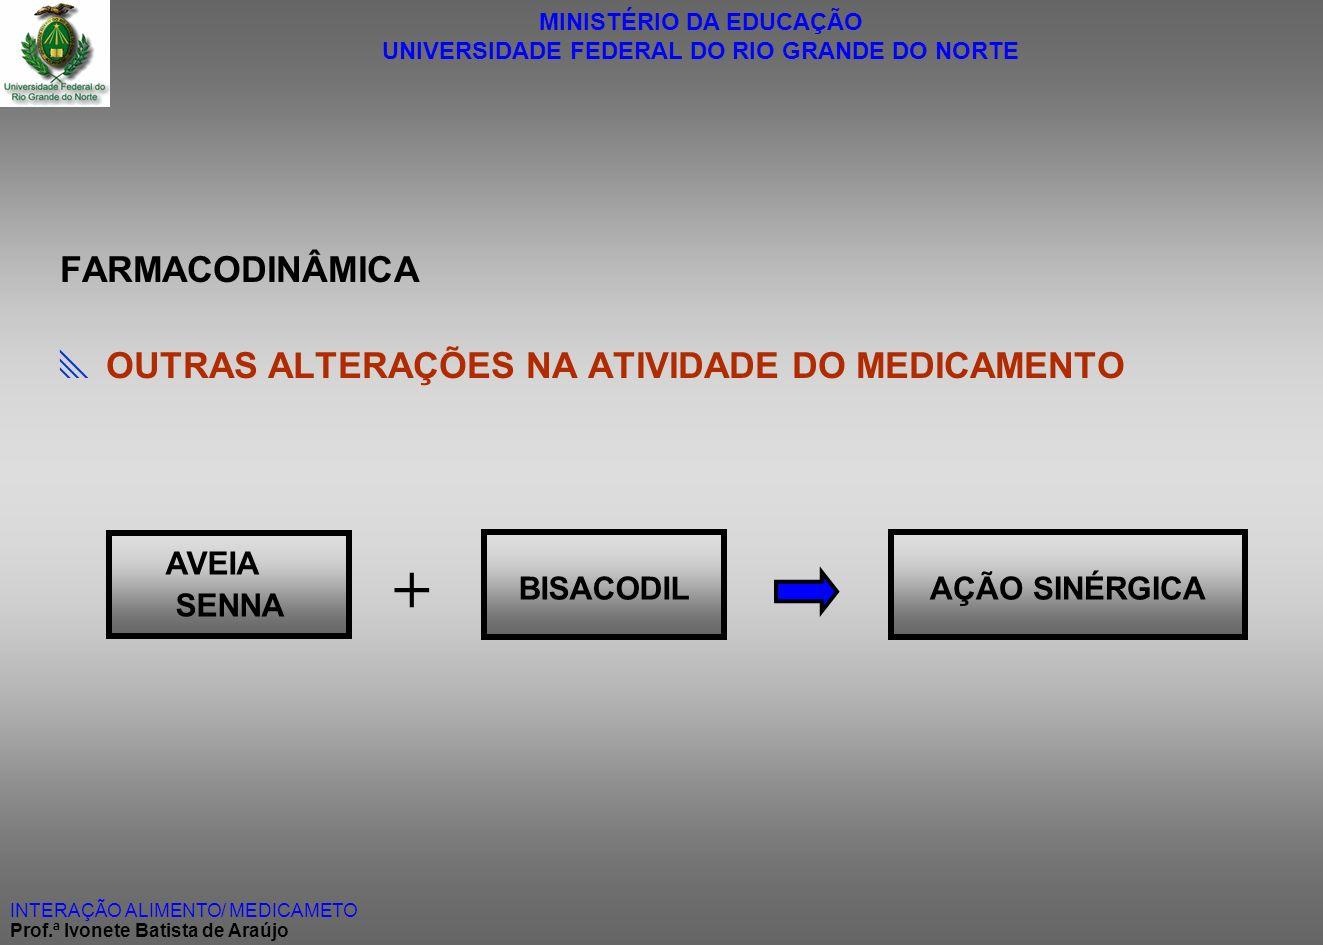 MINISTÉRIO DA EDUCAÇÃO UNIVERSIDADE FEDERAL DO RIO GRANDE DO NORTE INTERAÇÃO ALIMENTO/ MEDICAMETO Prof.ª Ivonete Batista de Araújo FARMACODINÂMICA OUT